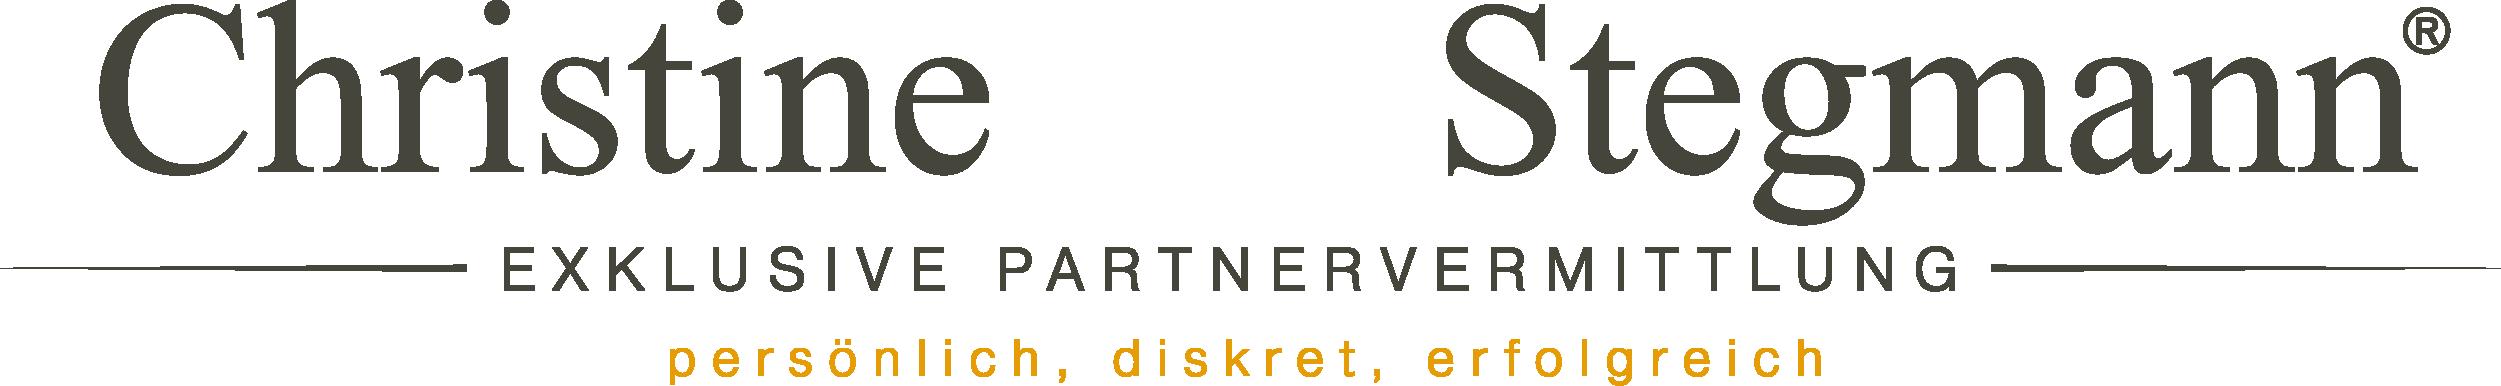 Partnervermittlung münchen exklusiv